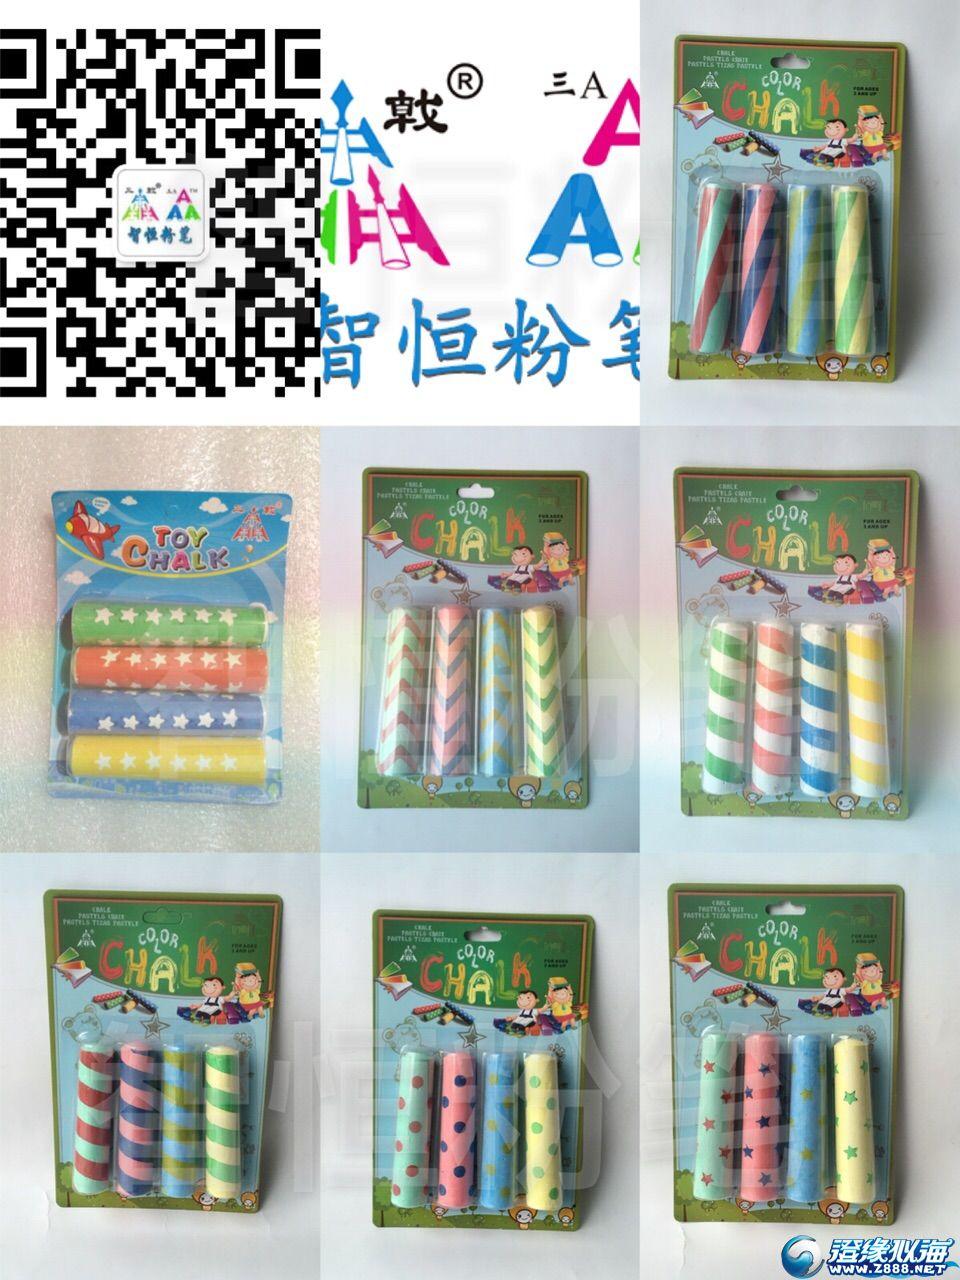 [粉笔厂家直销]造型粉笔订做 黑板配件 人行道粉笔 马路粉笔生产 工艺粉笔批发厂家